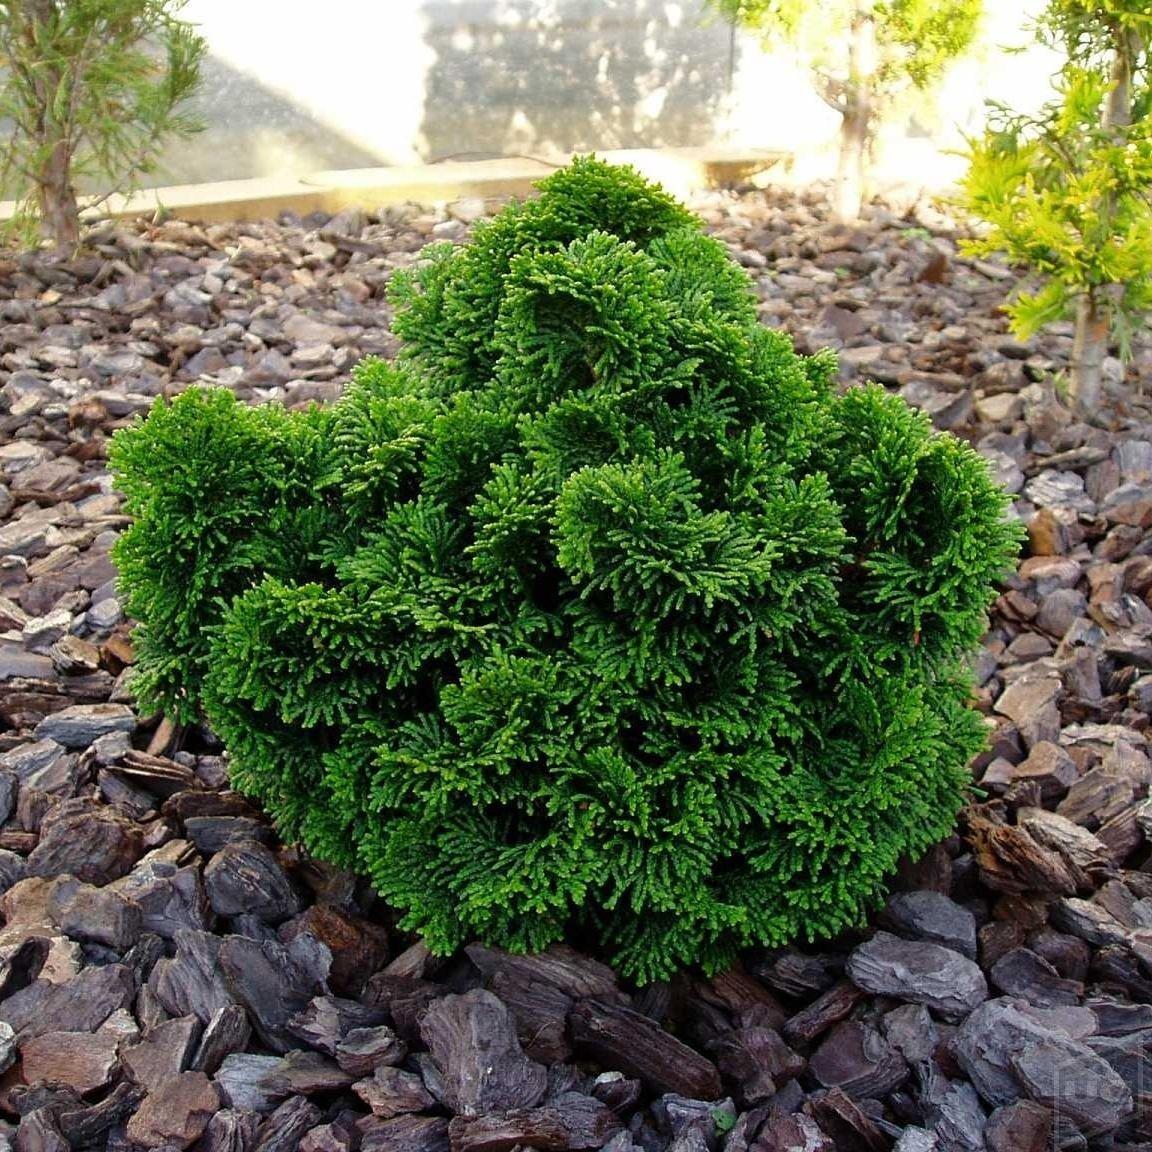 Особенности выращивания дерева кипарис. Основные виды и сорта кипариса для сада